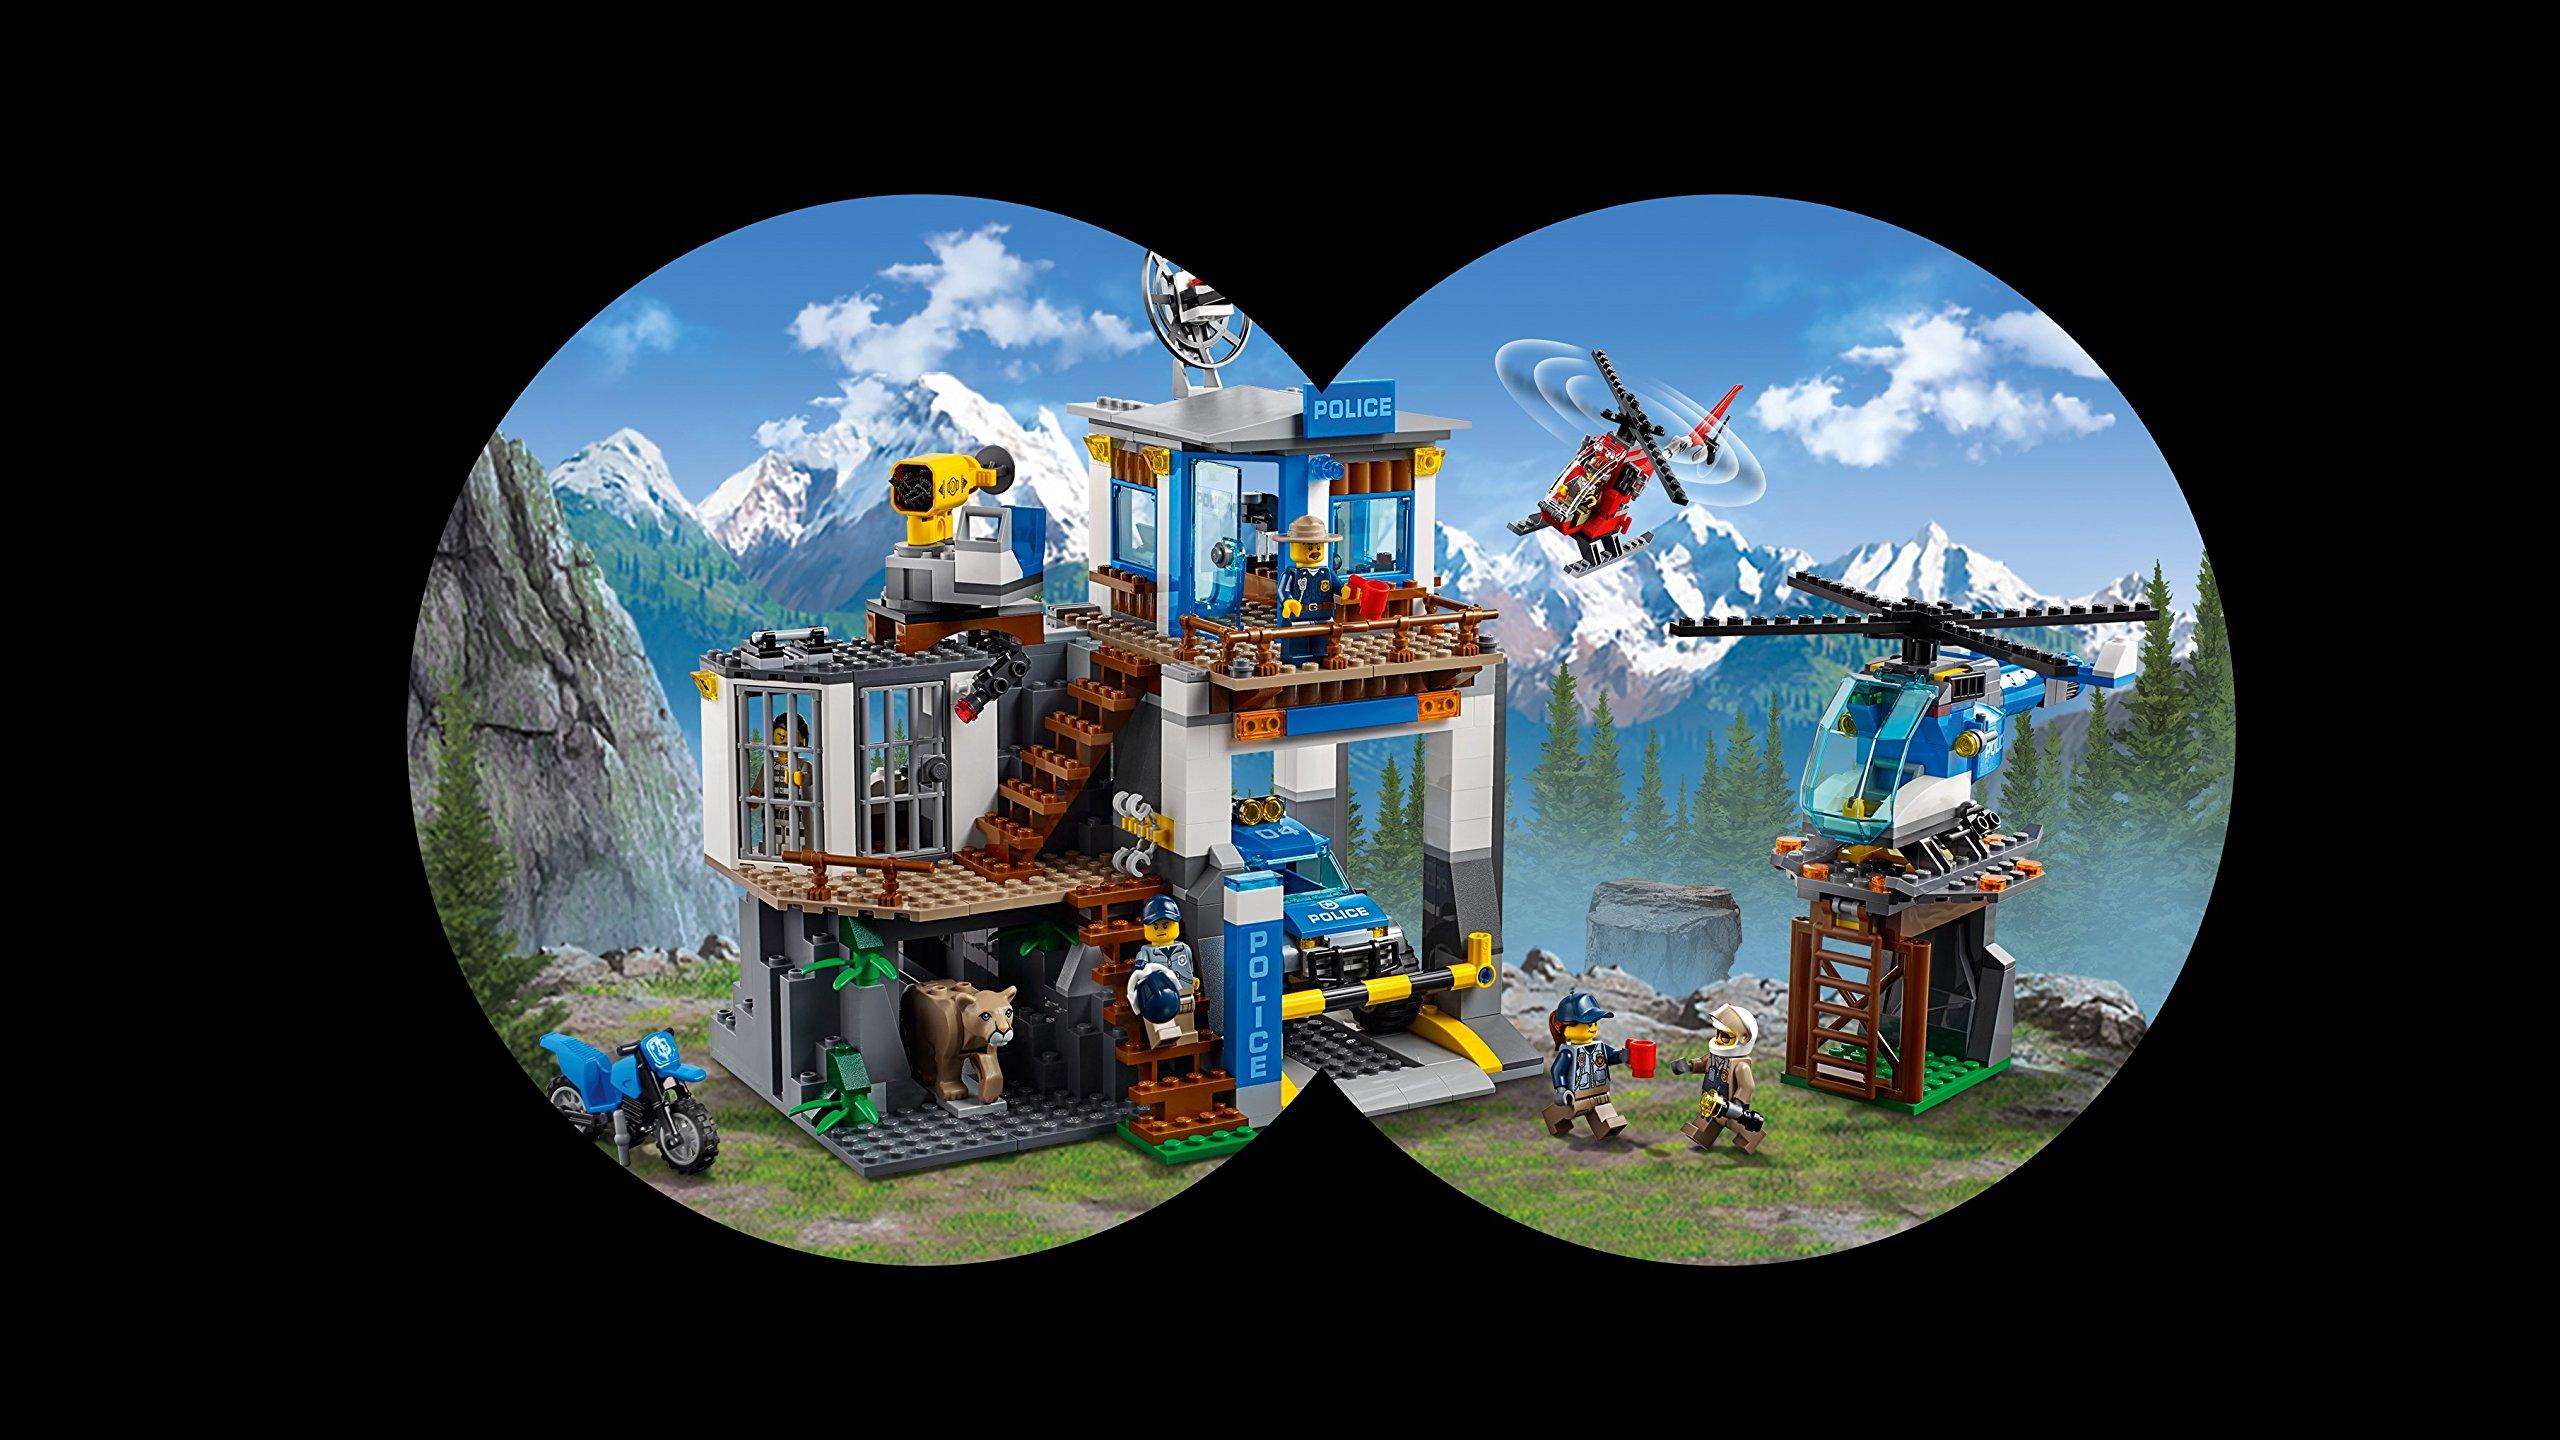 LEGO- City PoliceQuartier Generale della Polizia di Montagna, Multicolore, 60174 5 spesavip